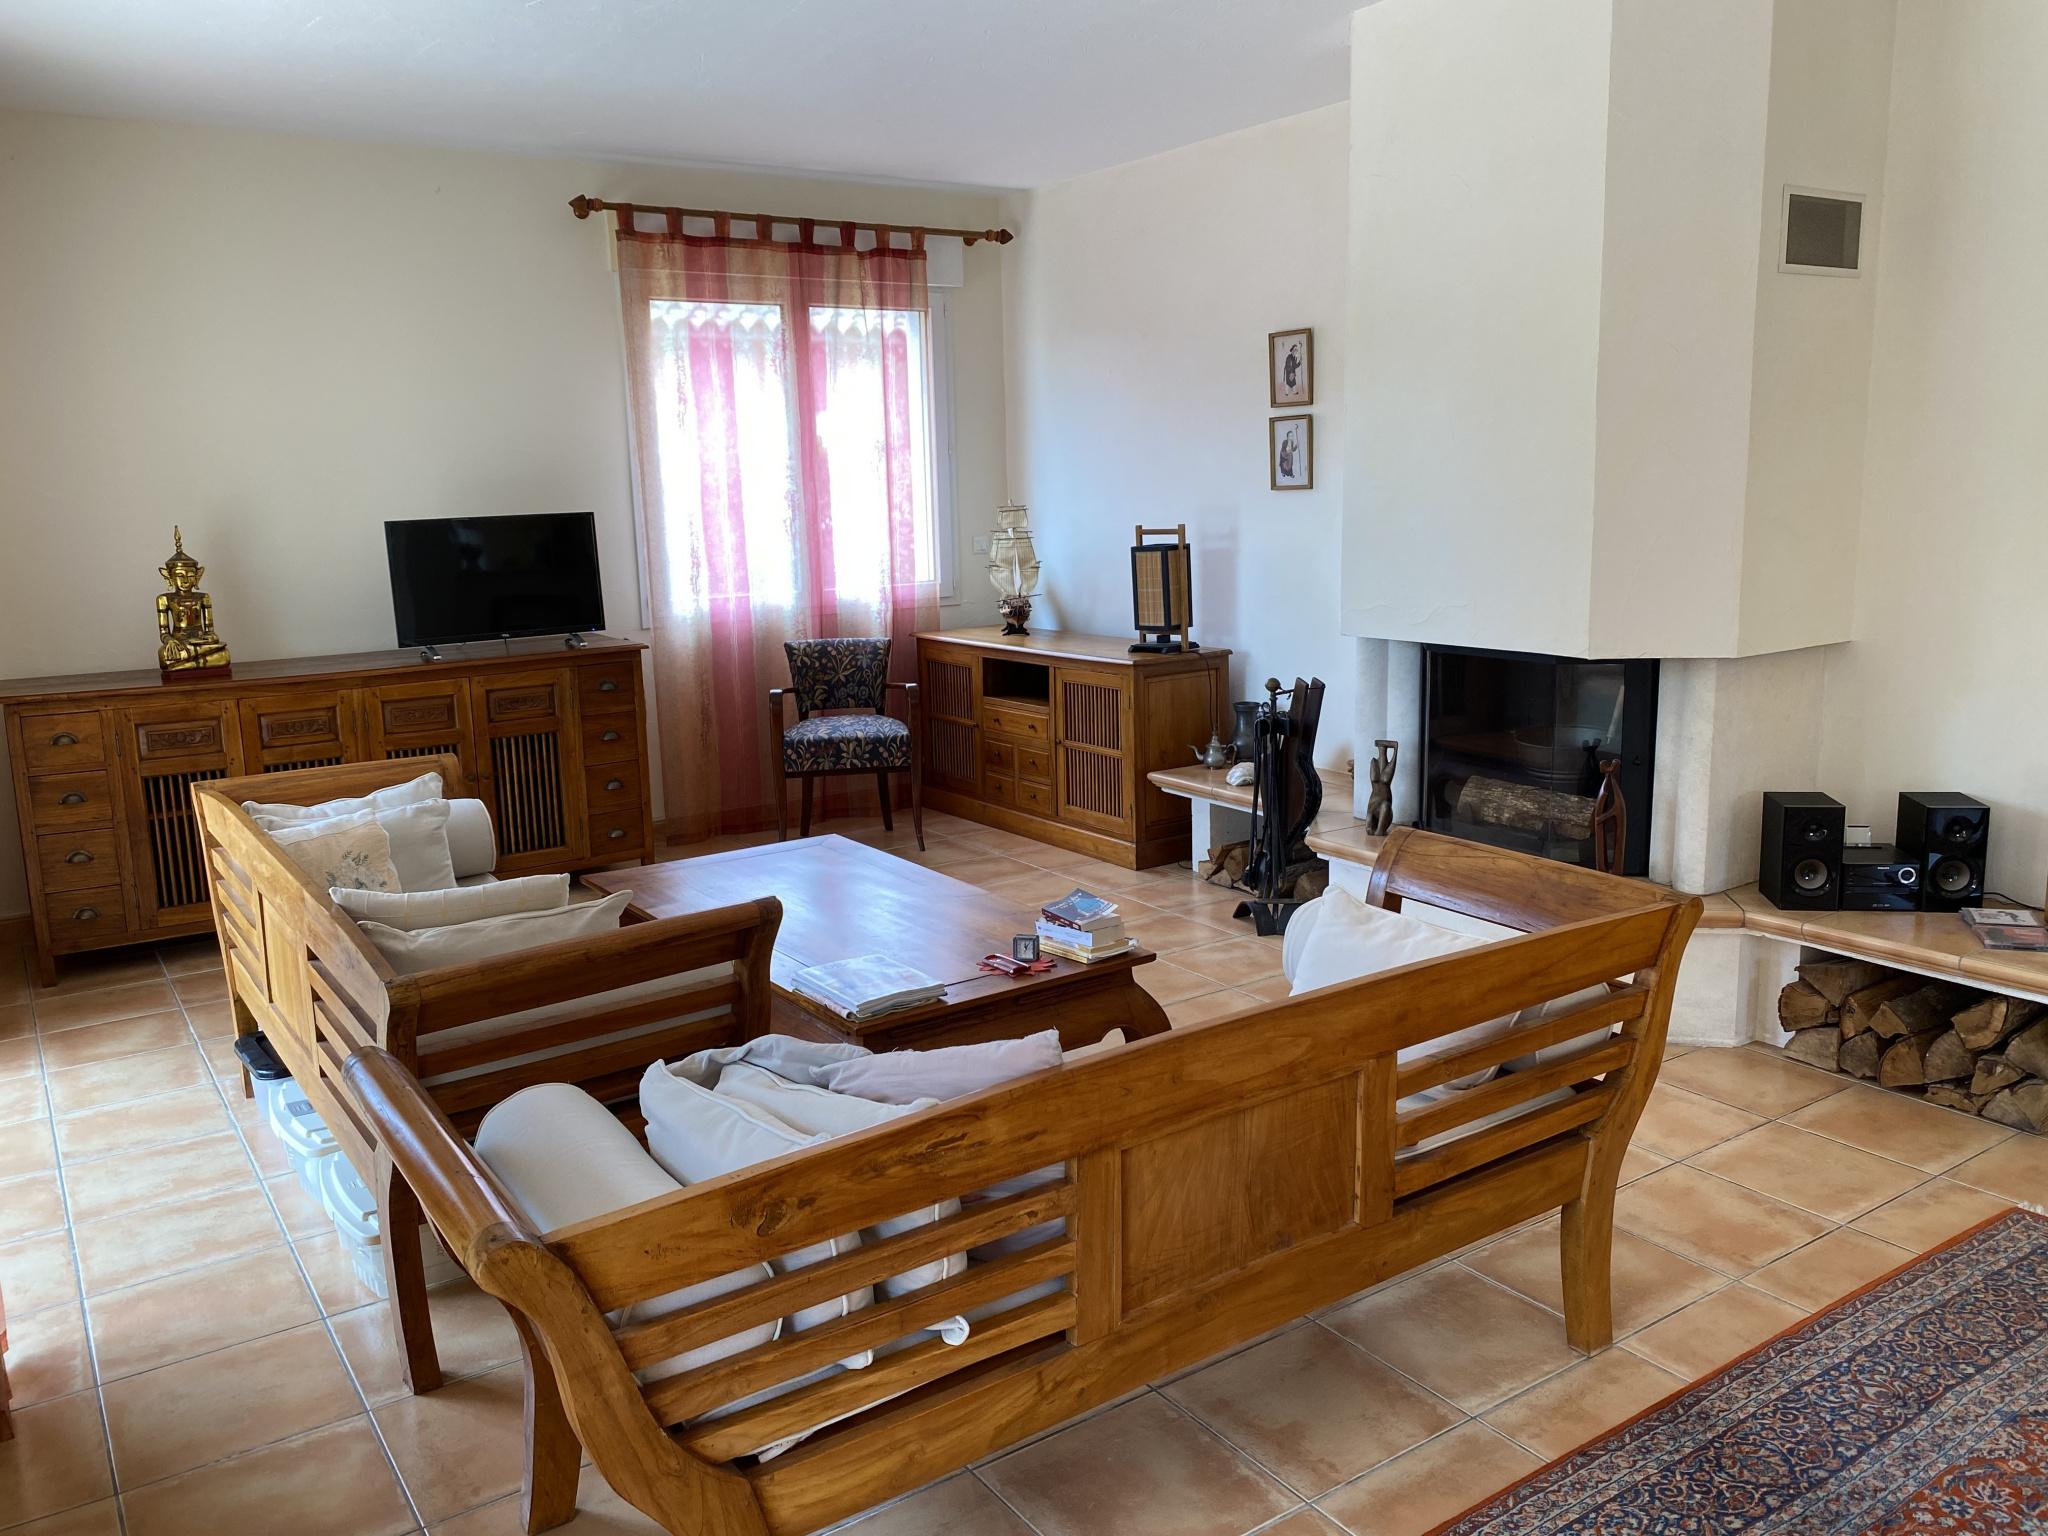 À vendre maison/villa de 124m2 à argeles sur mer (66700) - Photo 2'